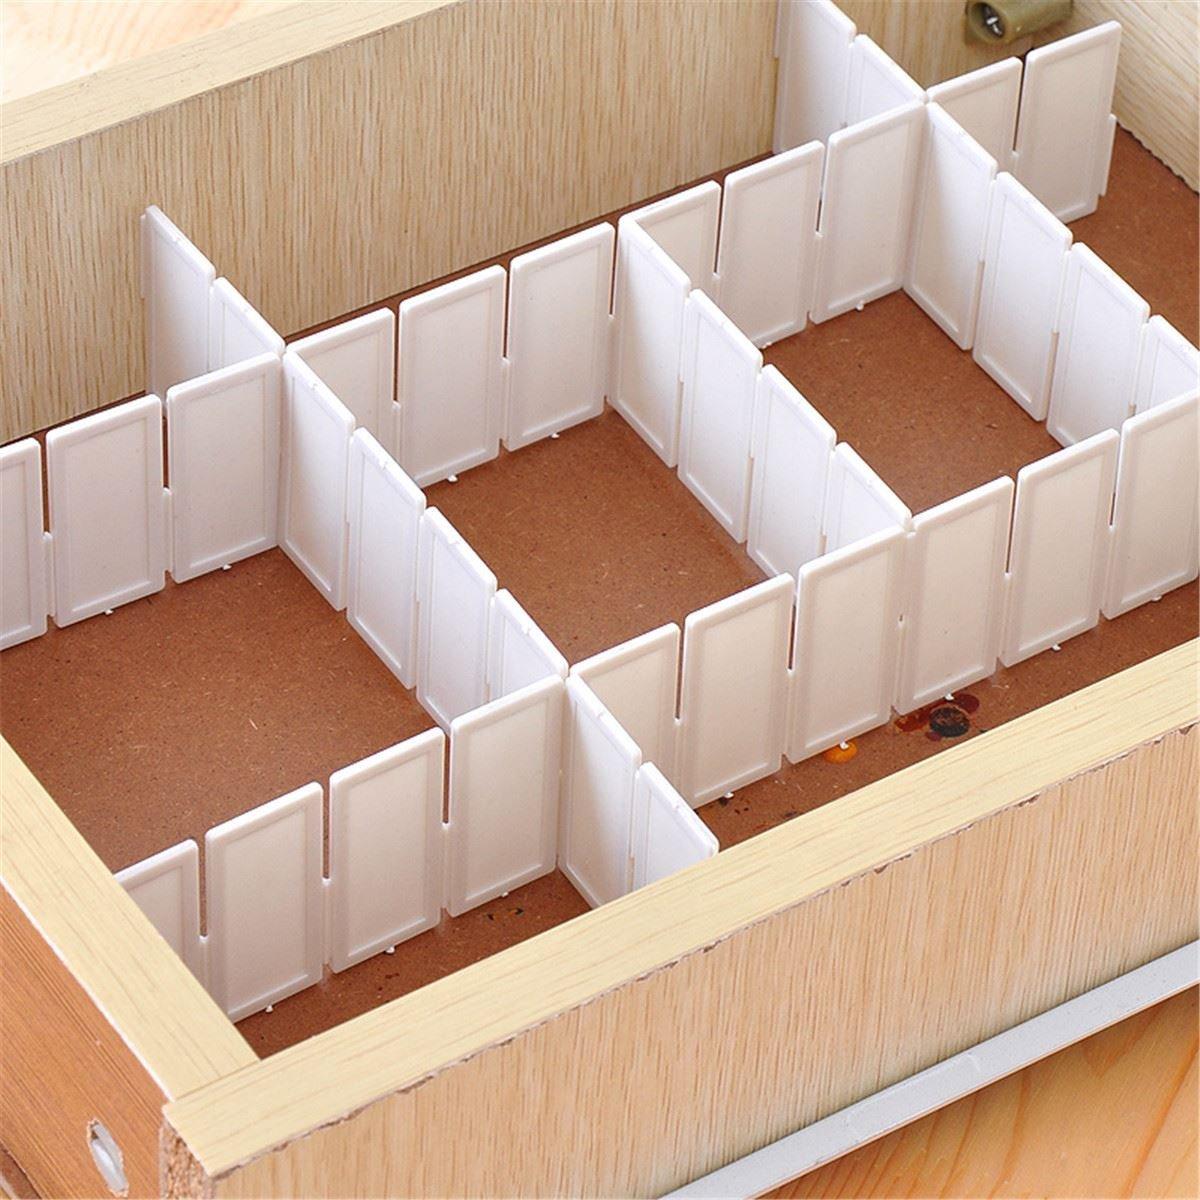 Caj/ón Tablilla Divisor Gabinete DIY del organizador del almacenaje